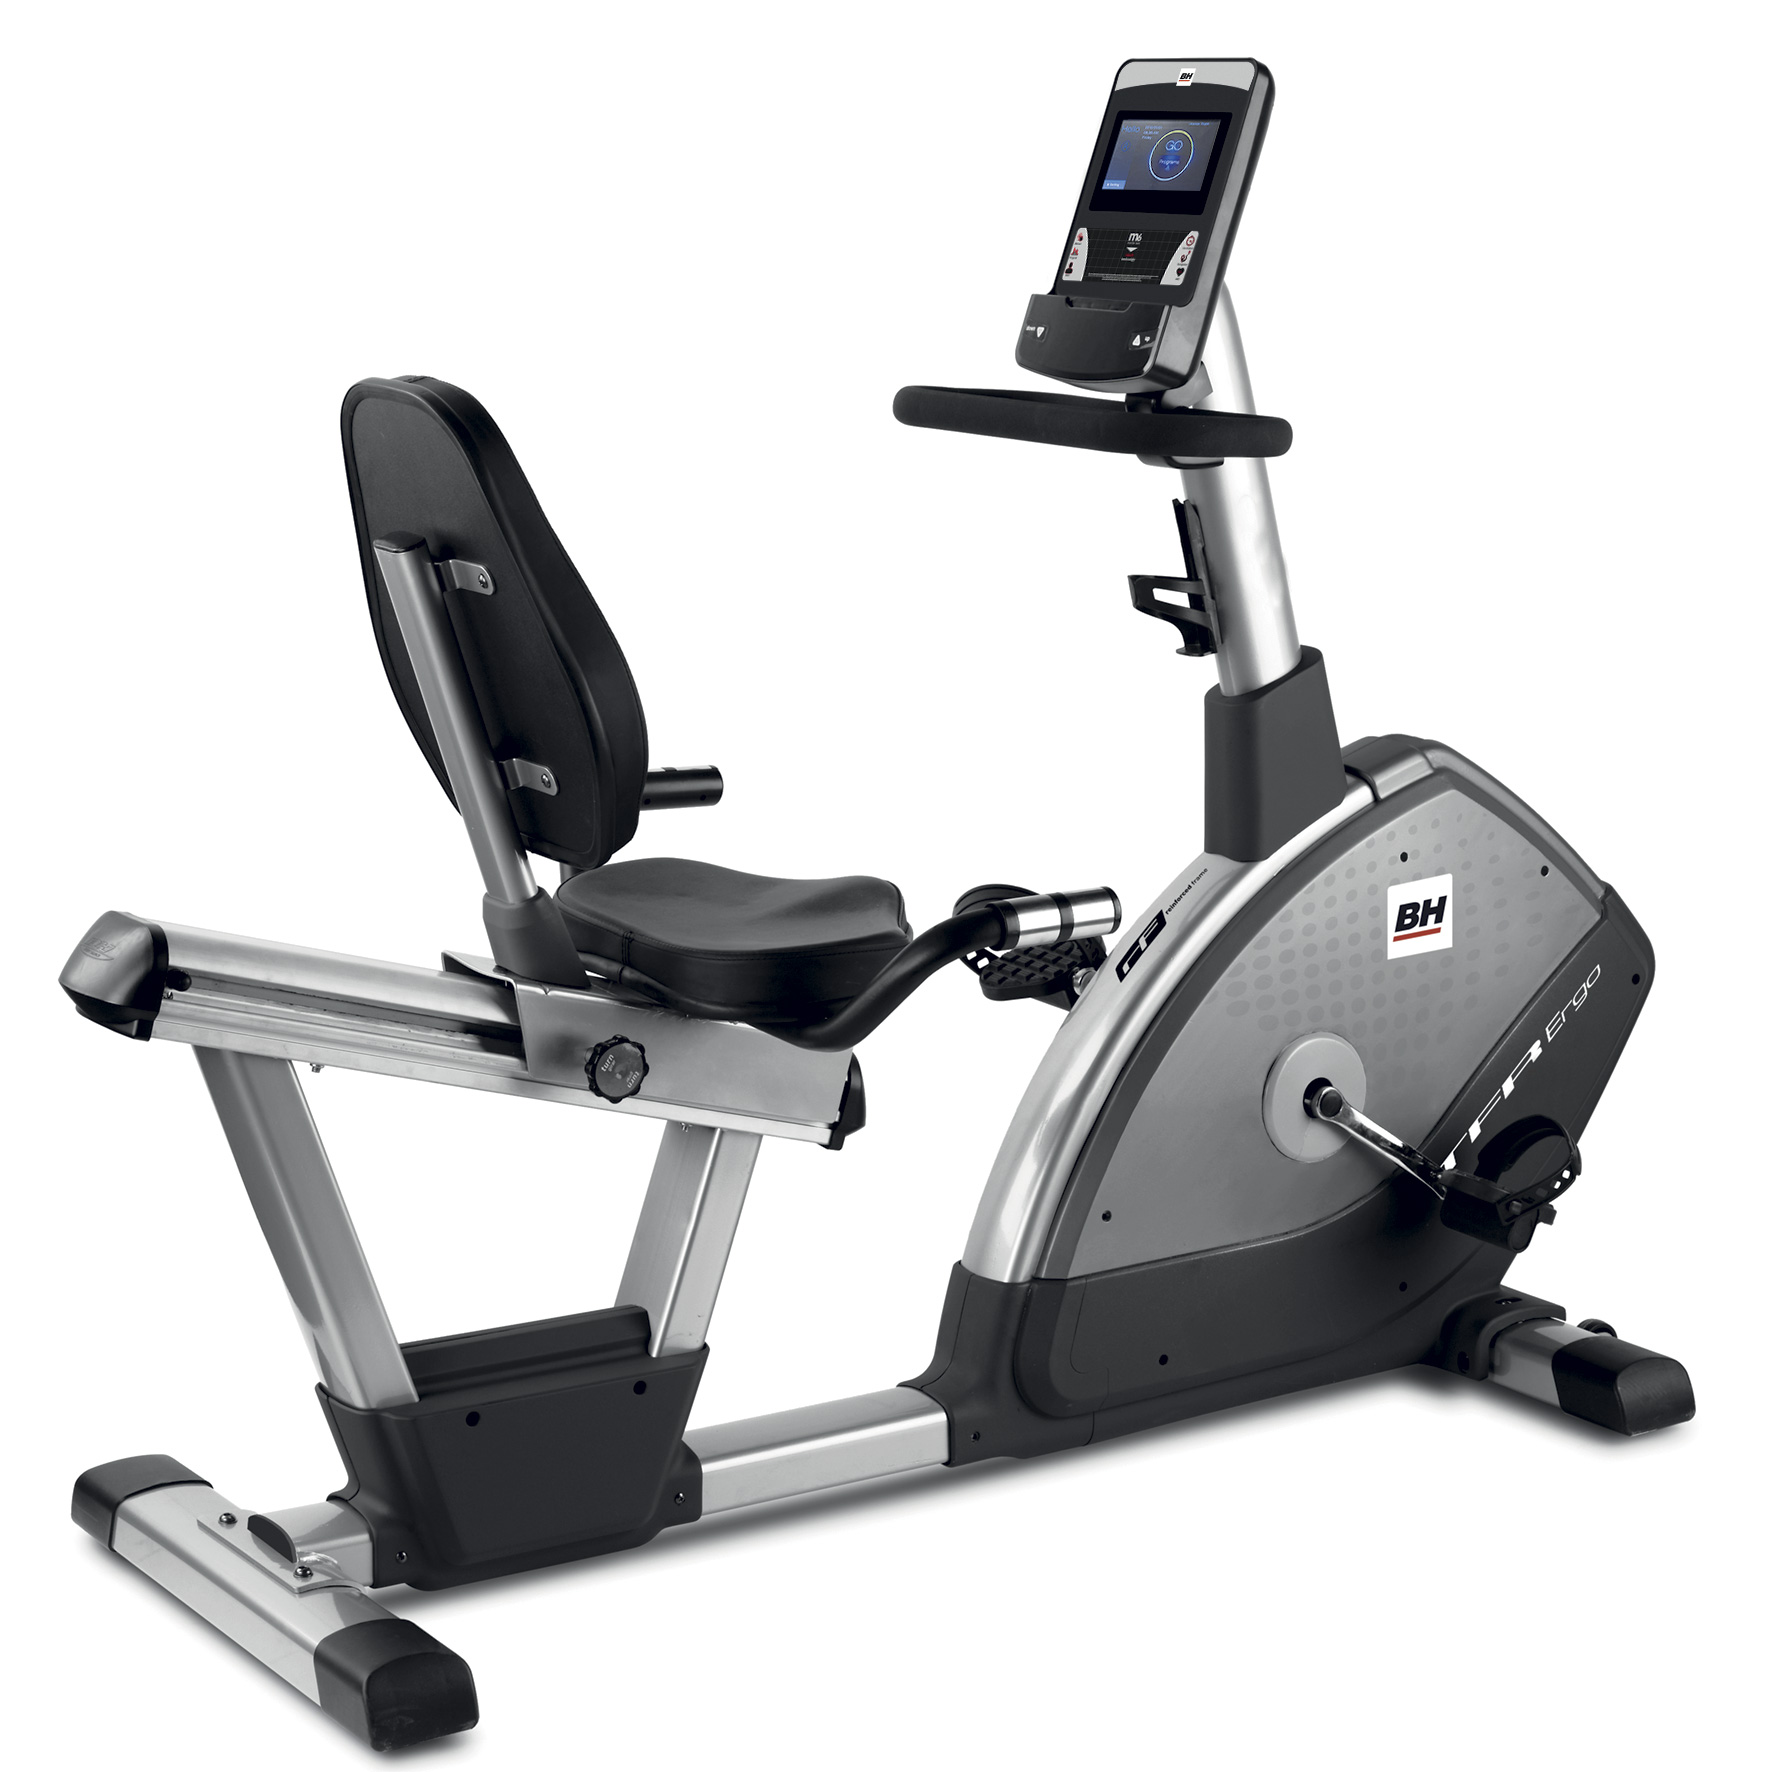 Bh fitness I.TFR Ergo